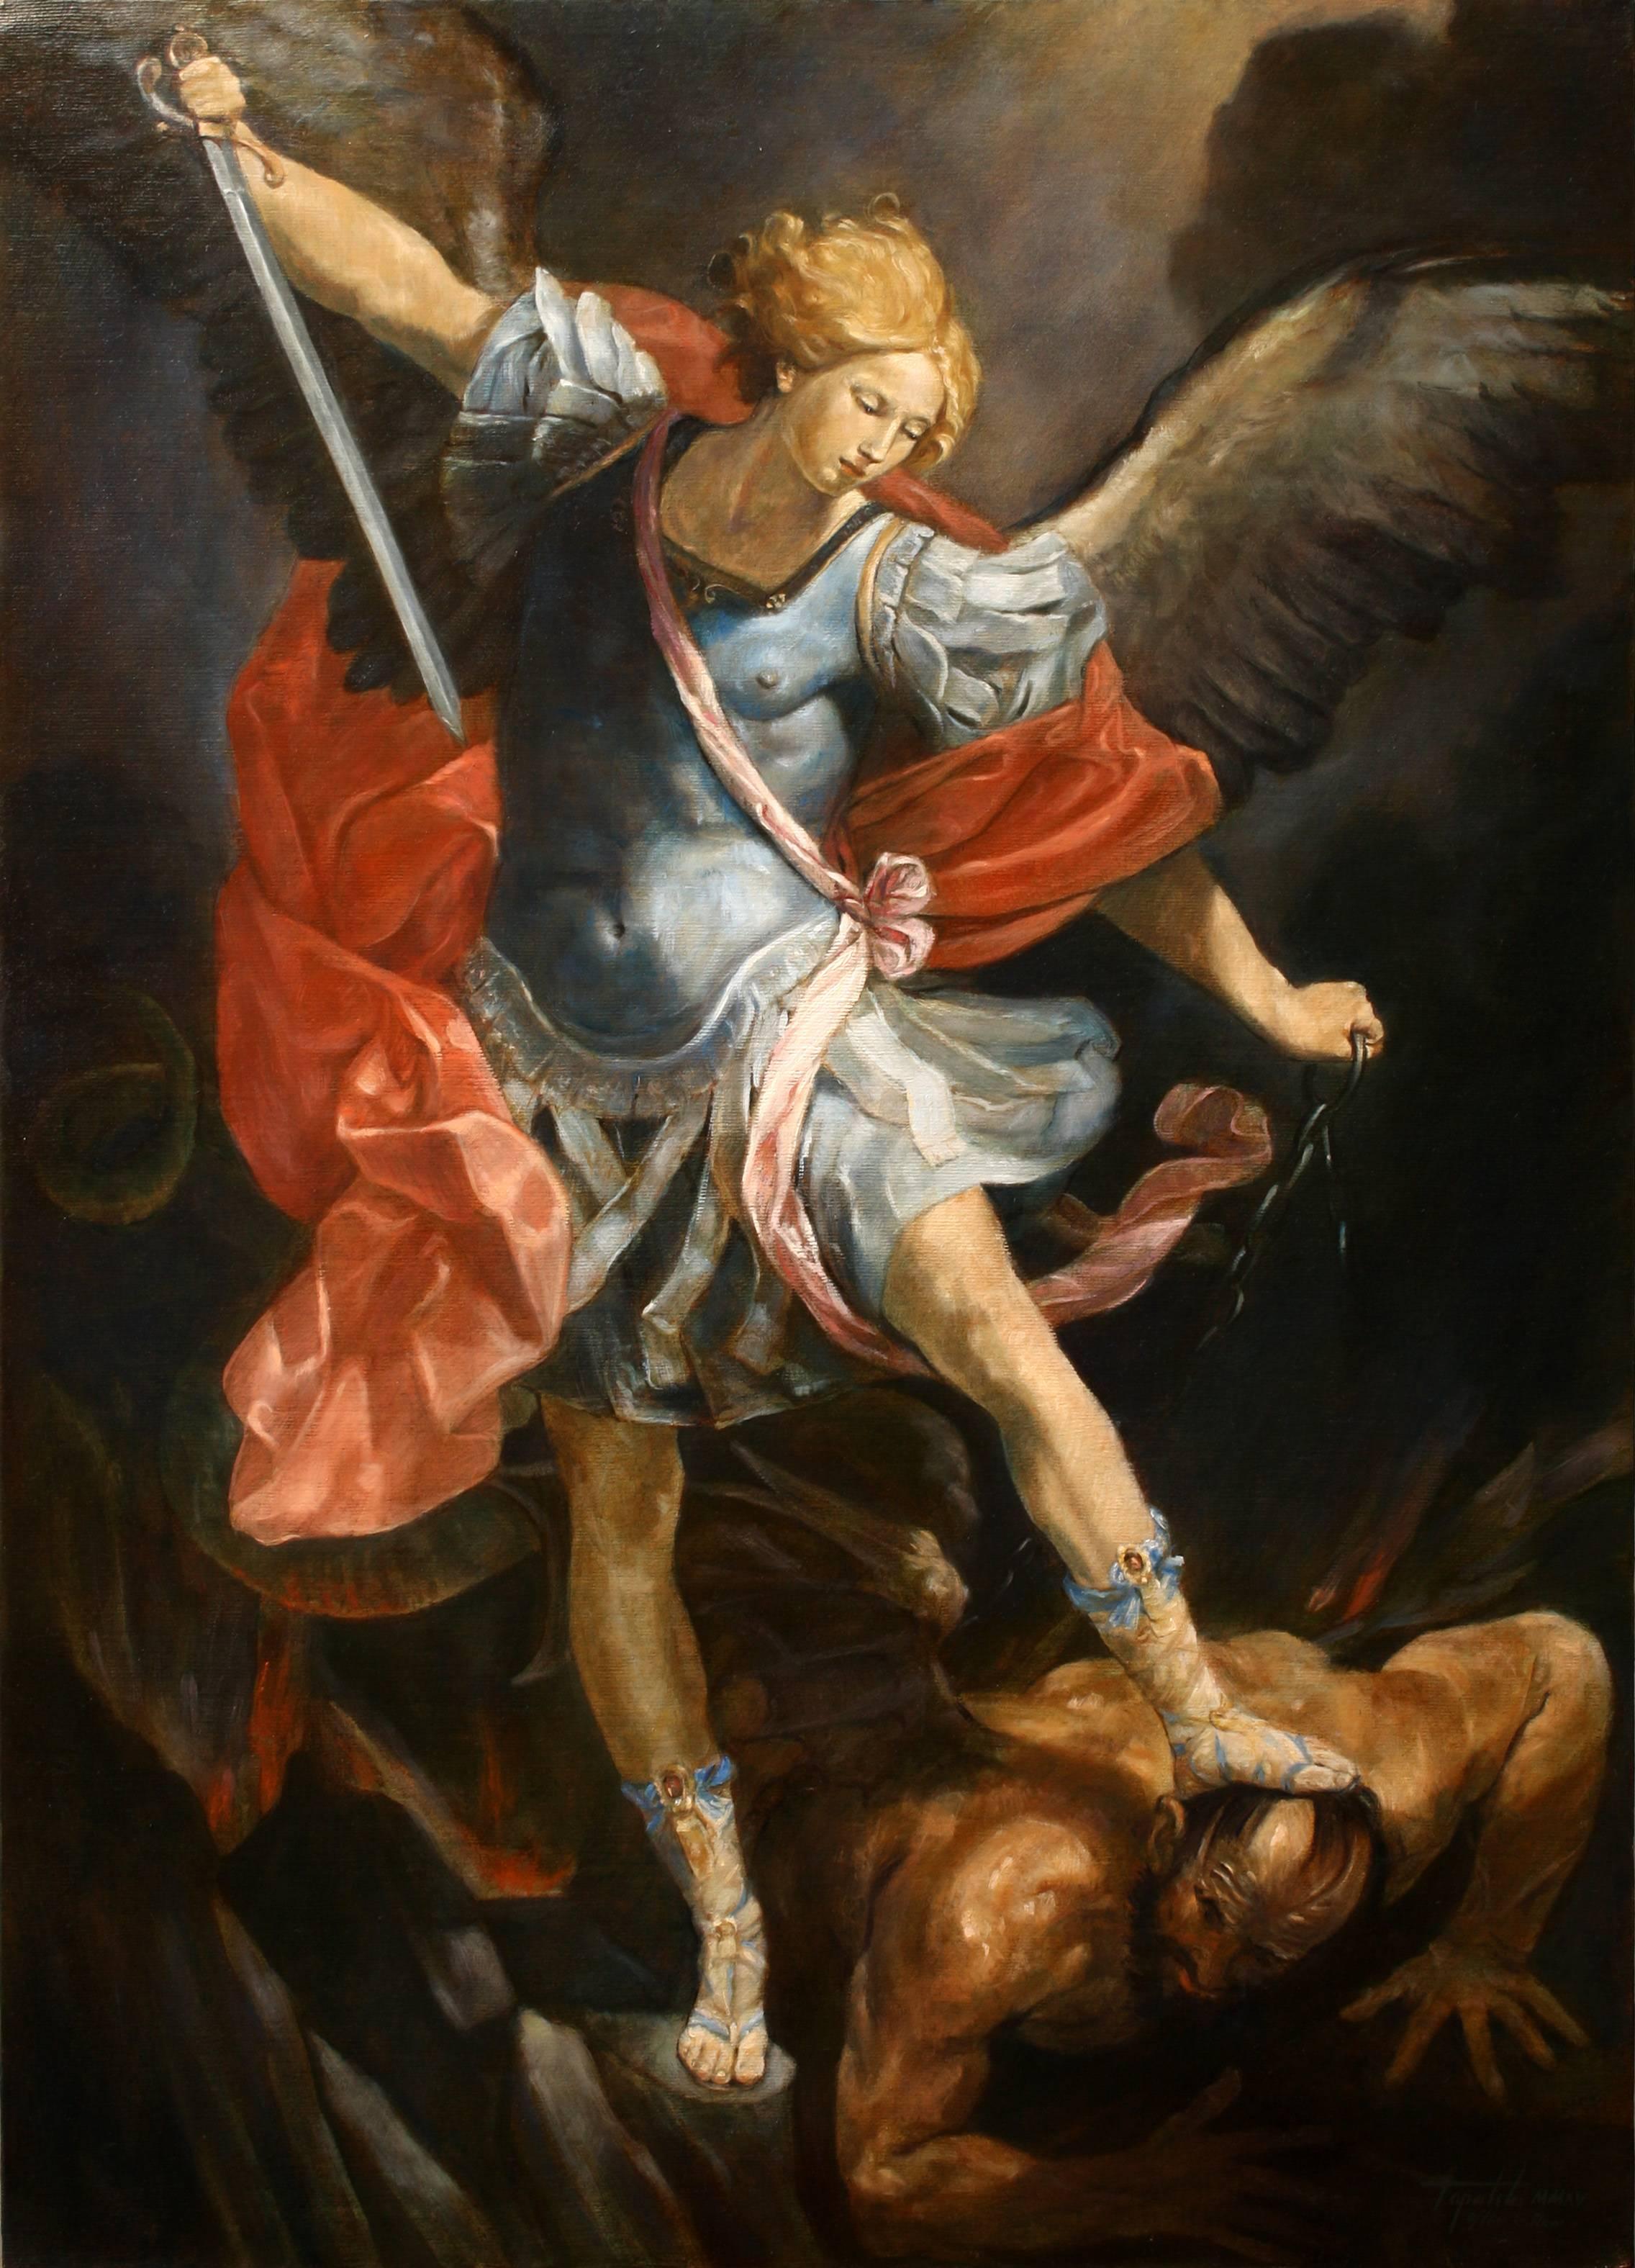 Архангел михаил — покровитель и защитник всех верующих людей